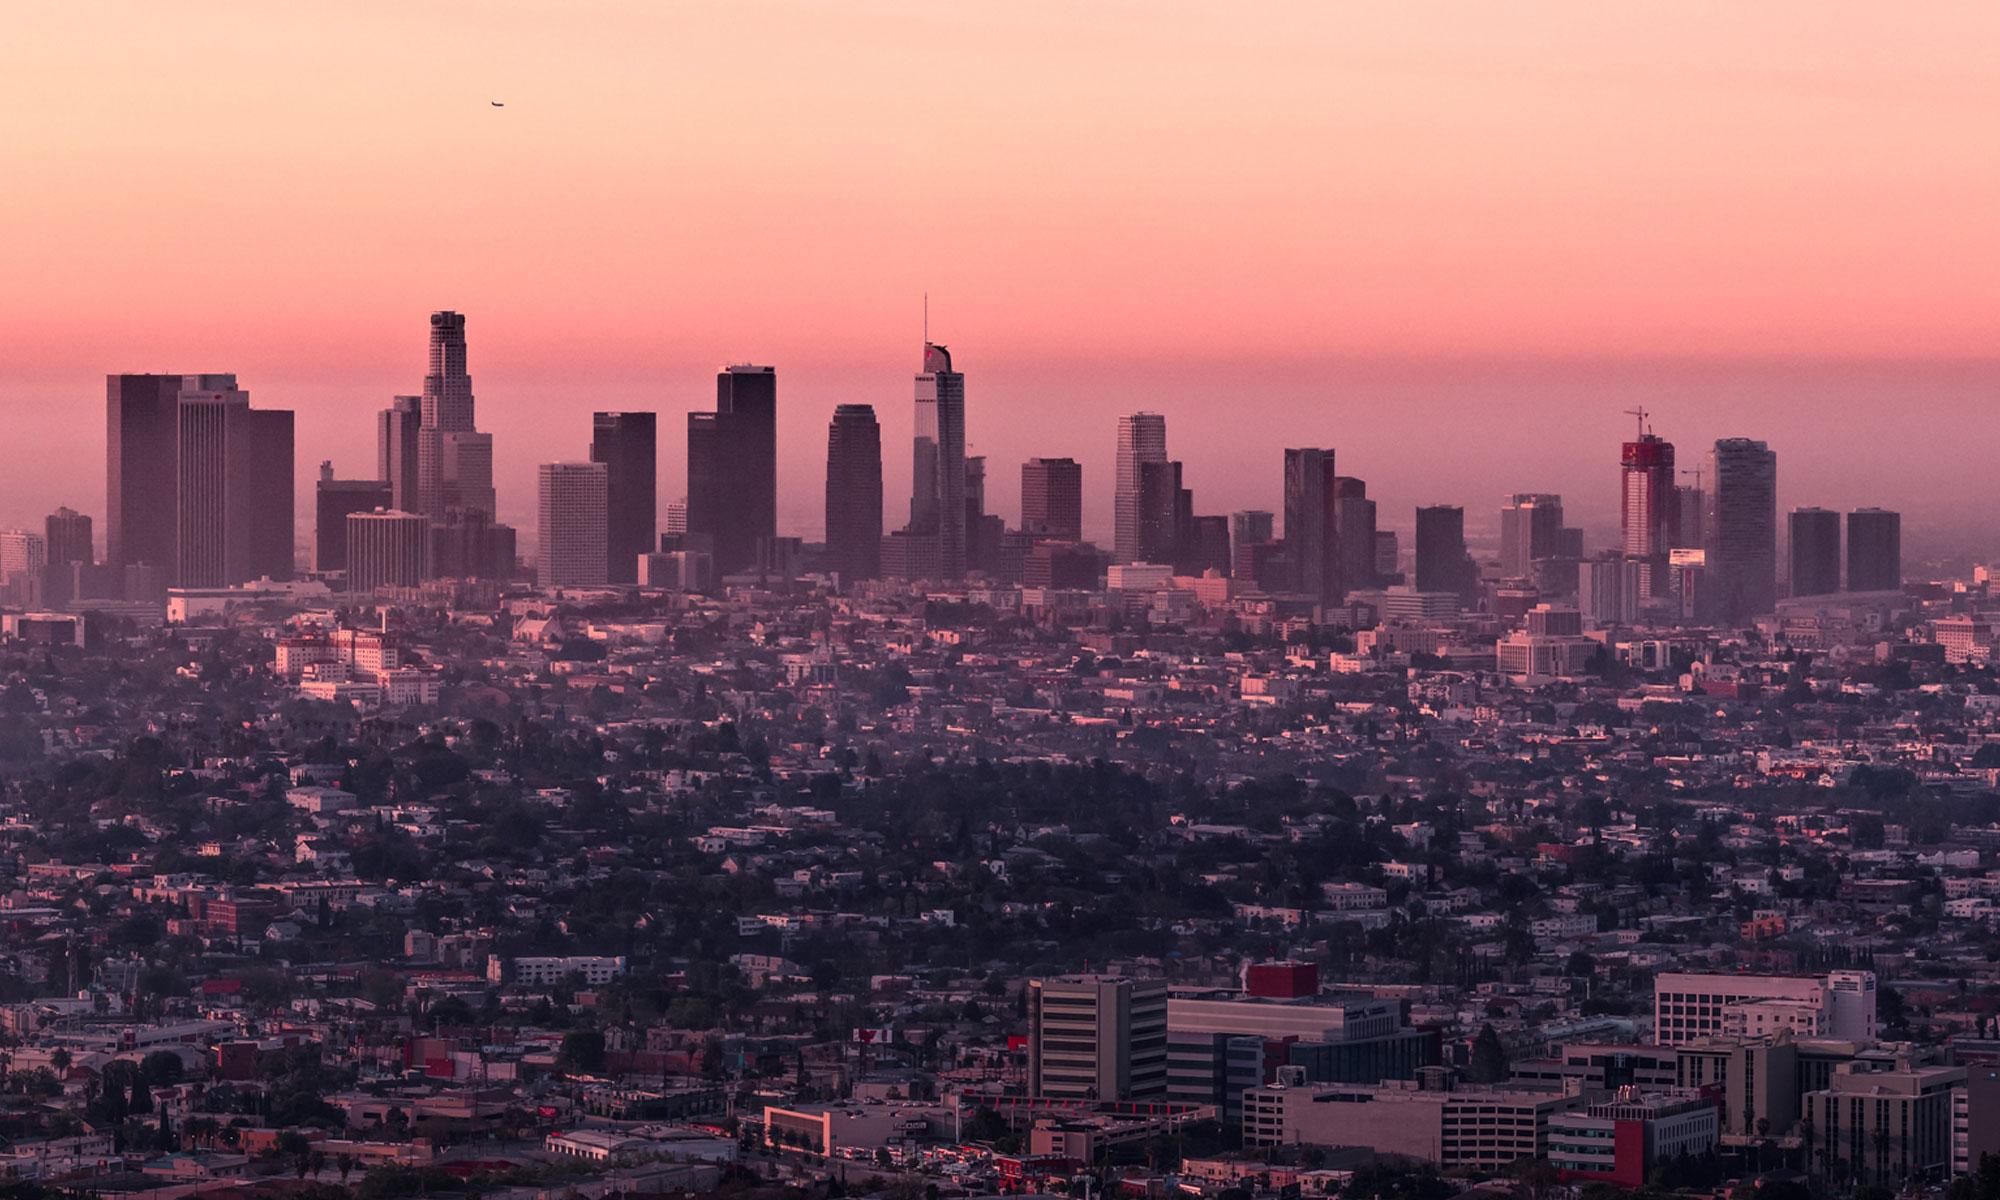 Los Angeles skyline at sunrise.